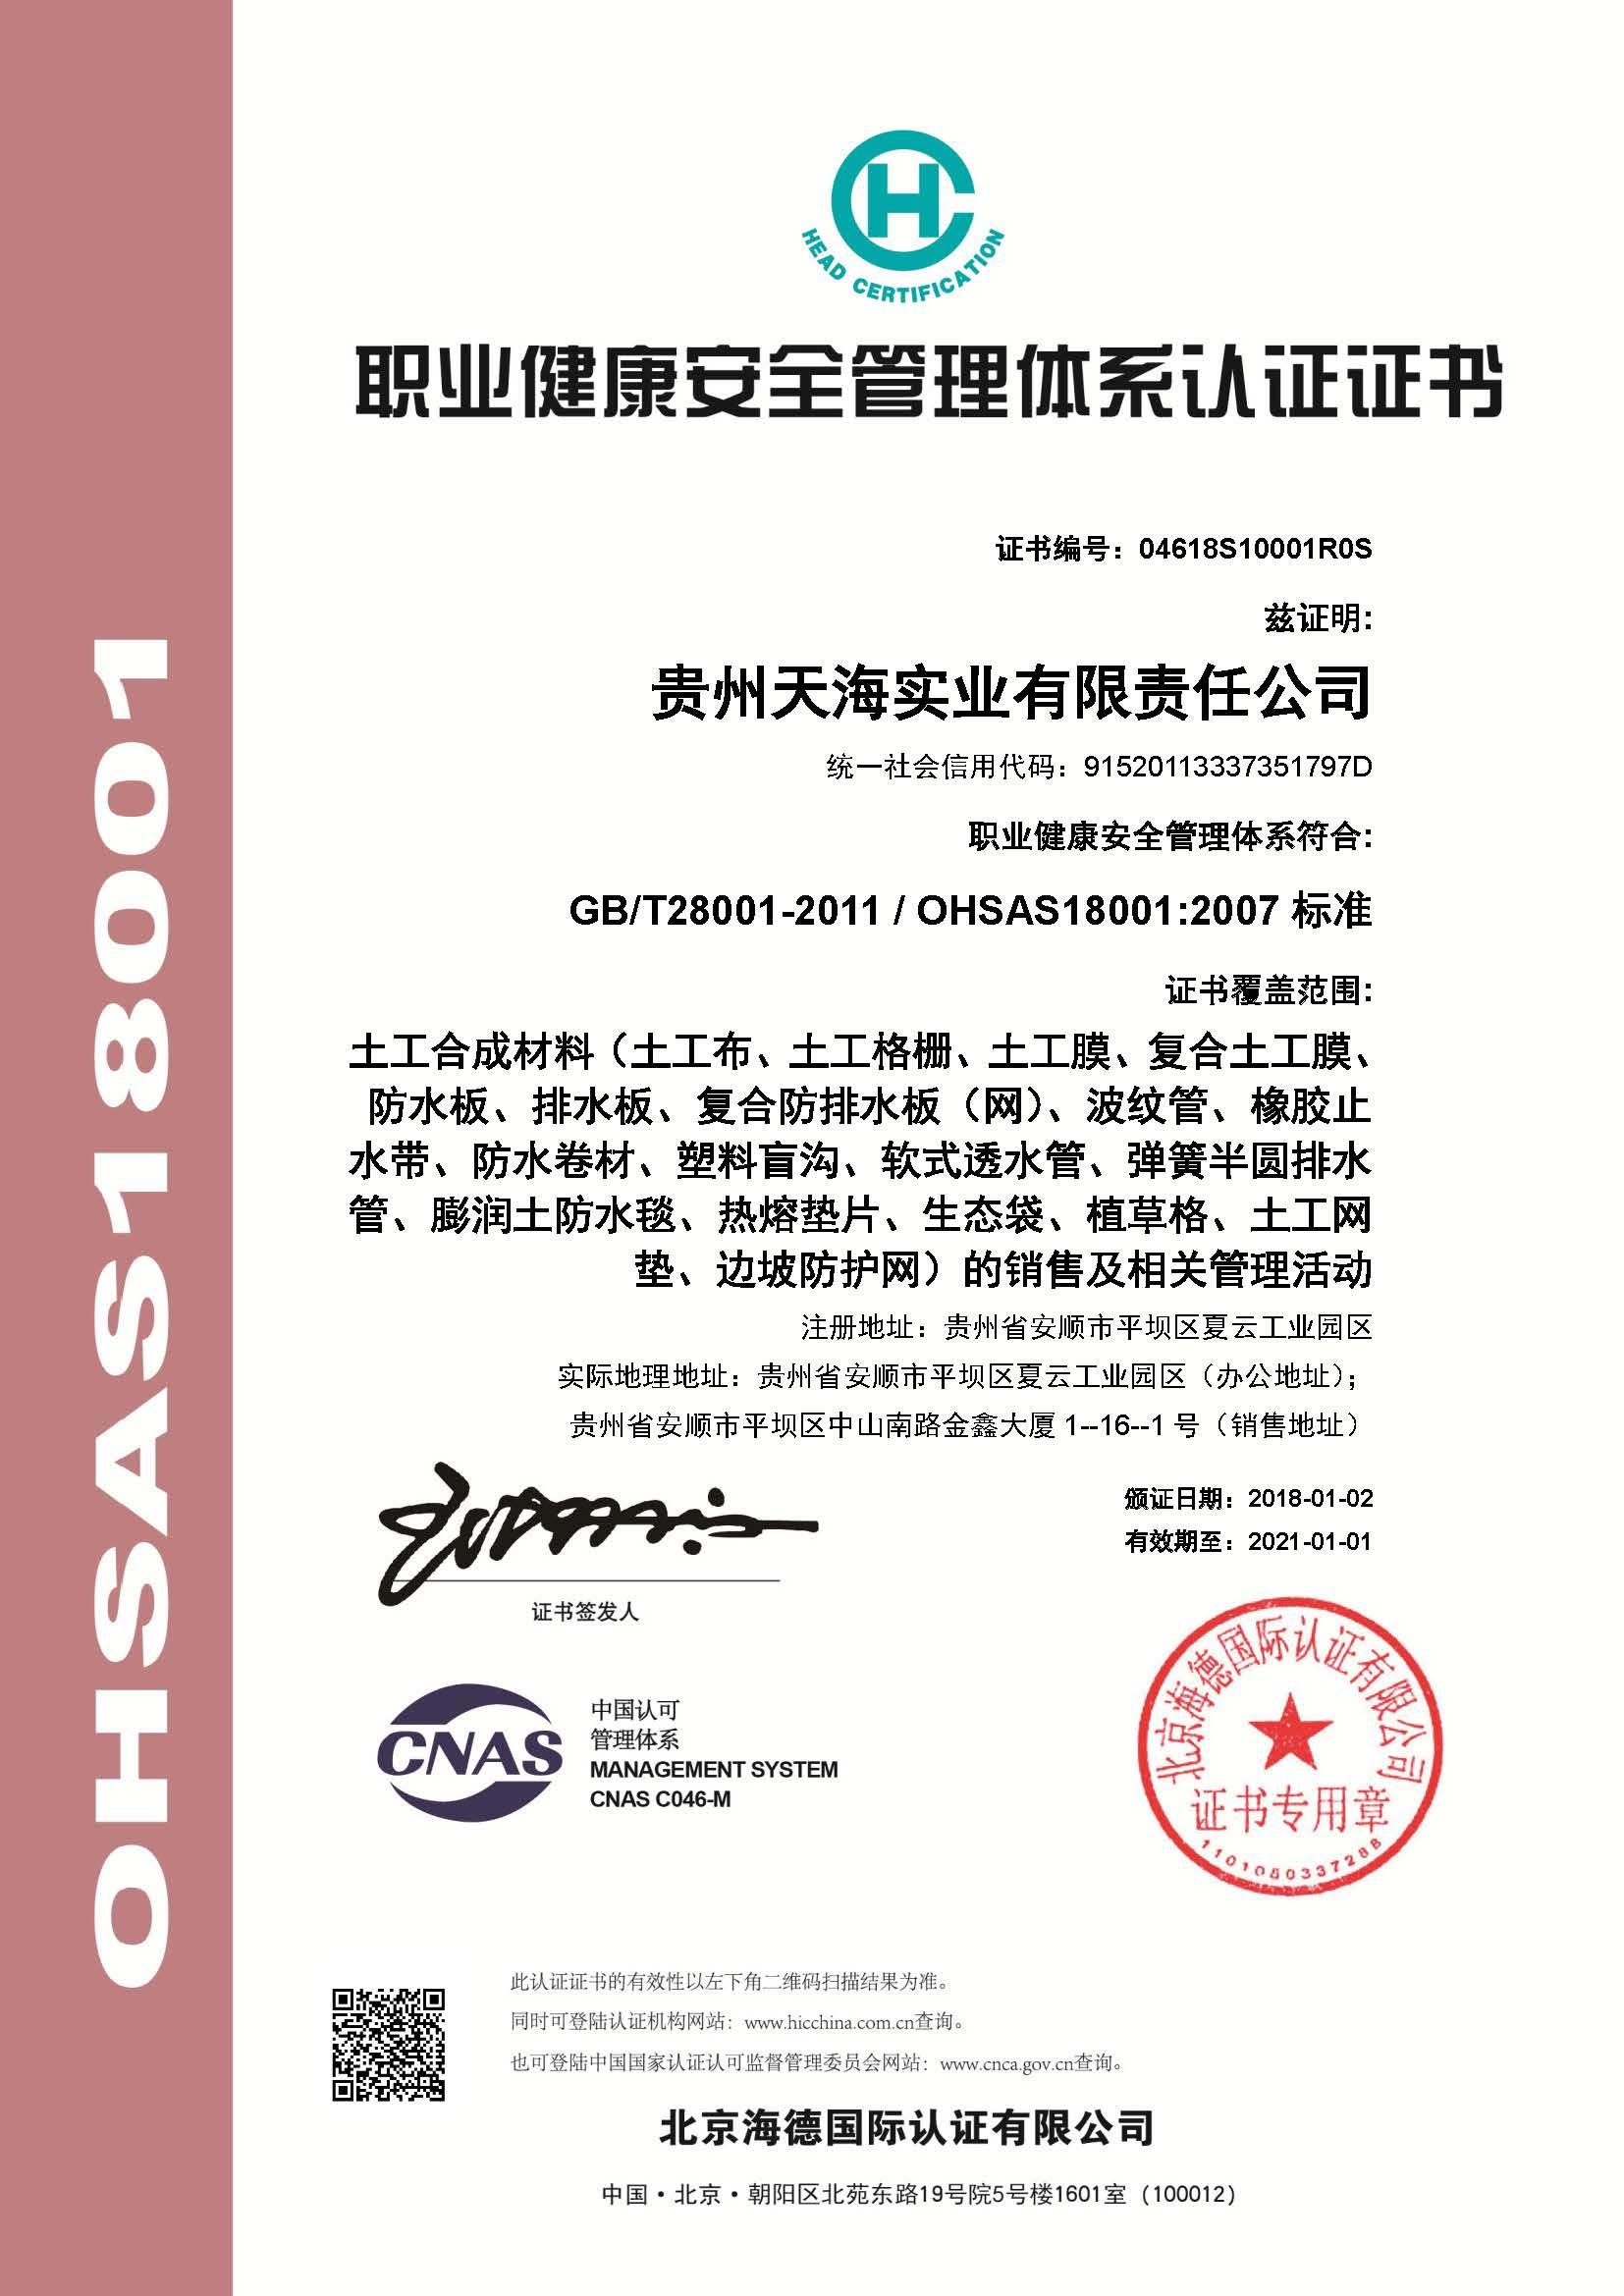 【天海】职业健康安全管理体系认证证书